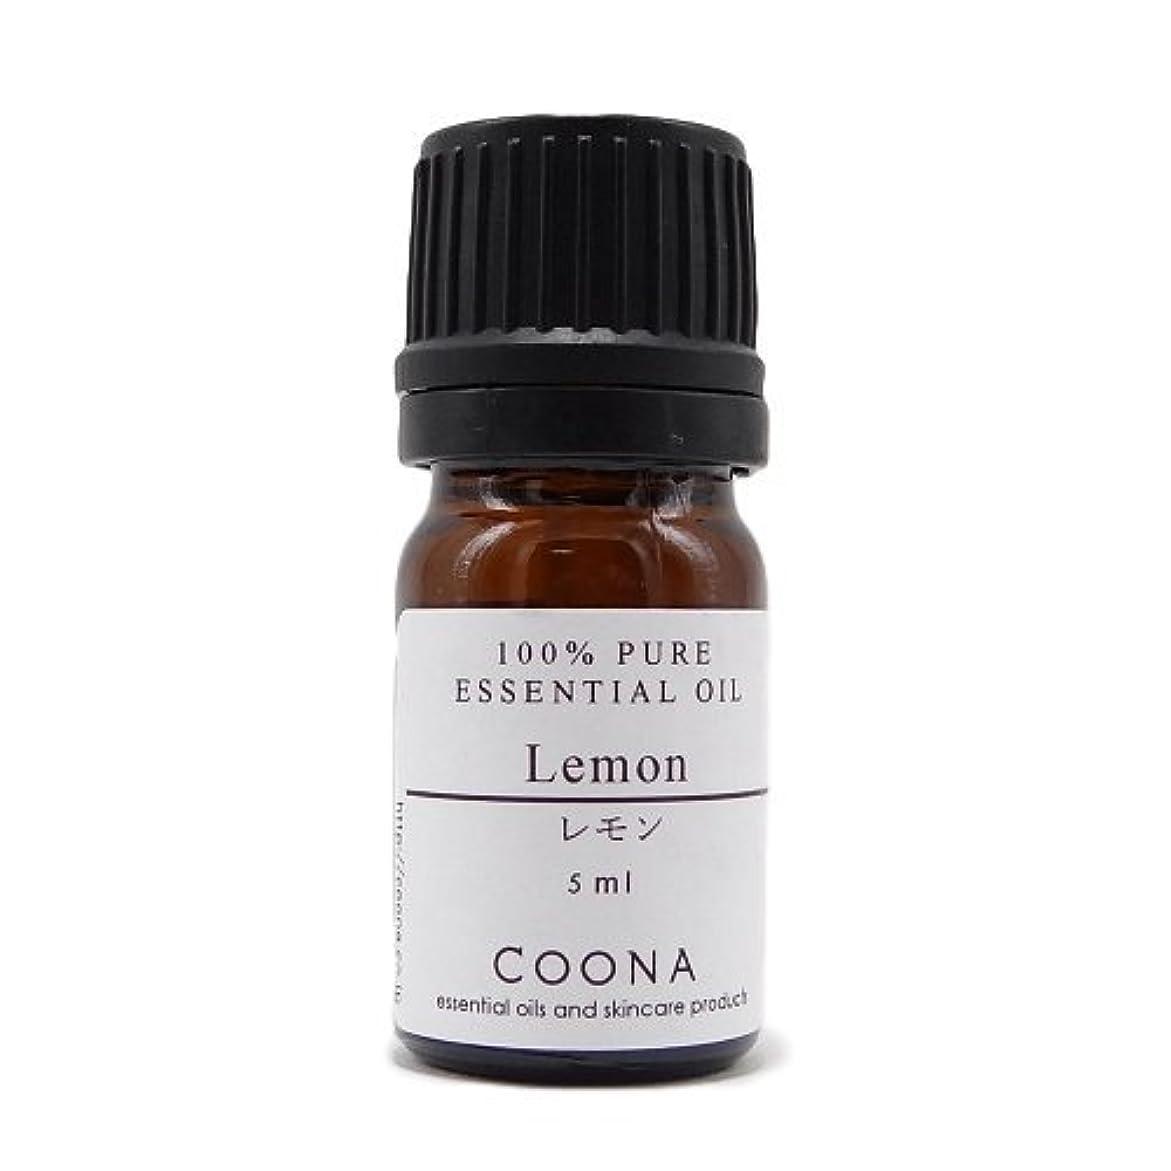 エールバズクラックレモン 5 ml (COONA エッセンシャルオイル アロマオイル 100%天然植物精油)